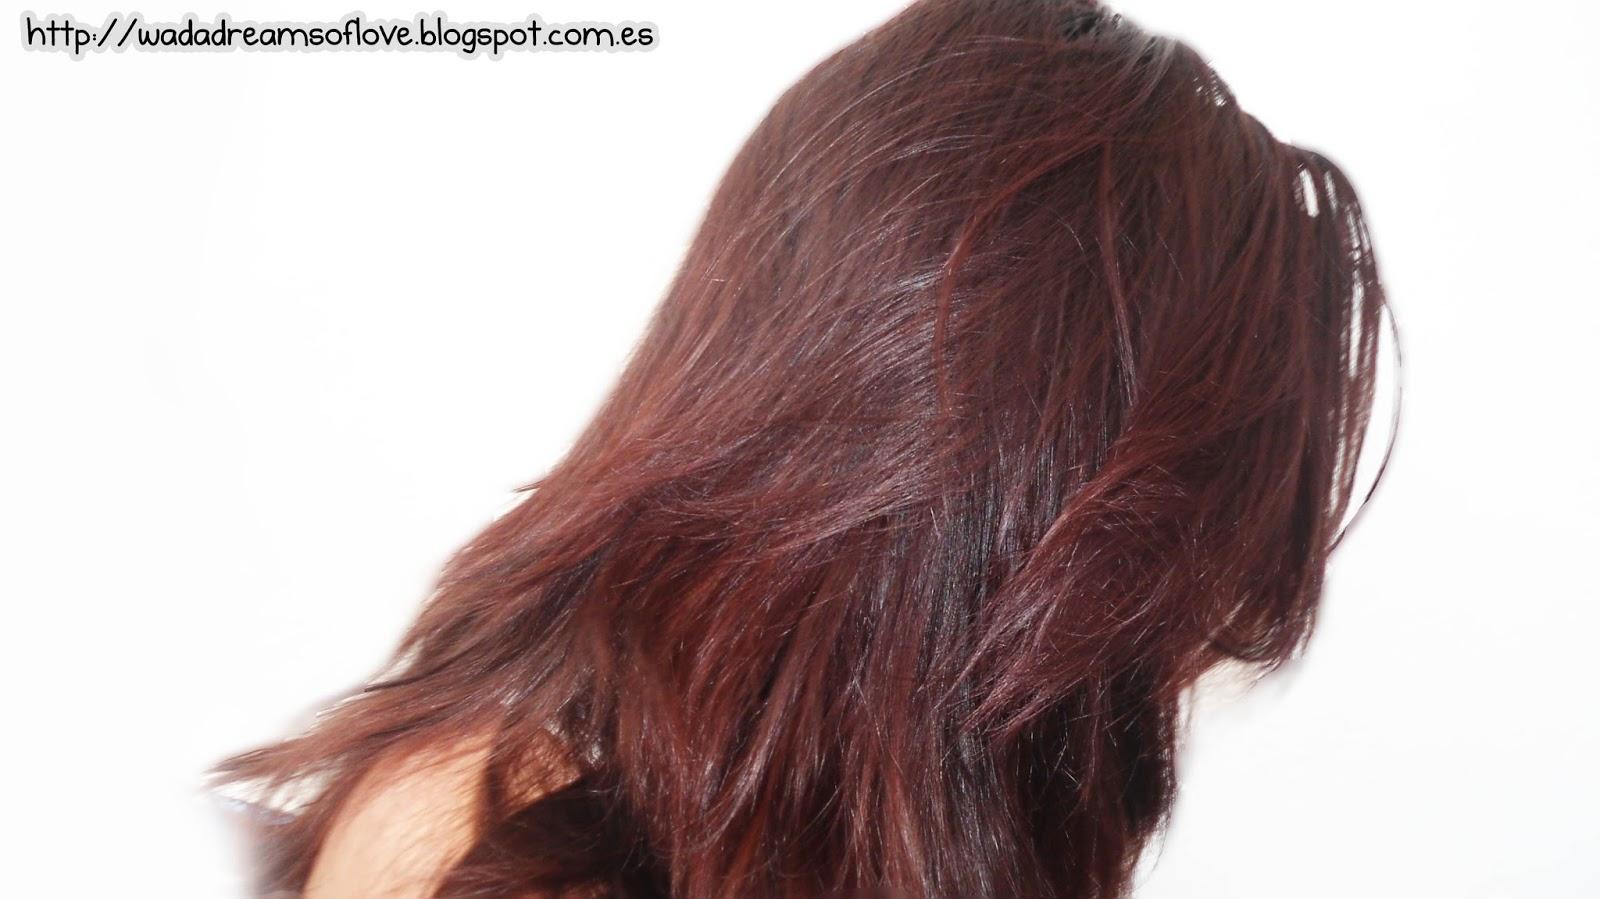 Secreción rojo oscuro de la vagina